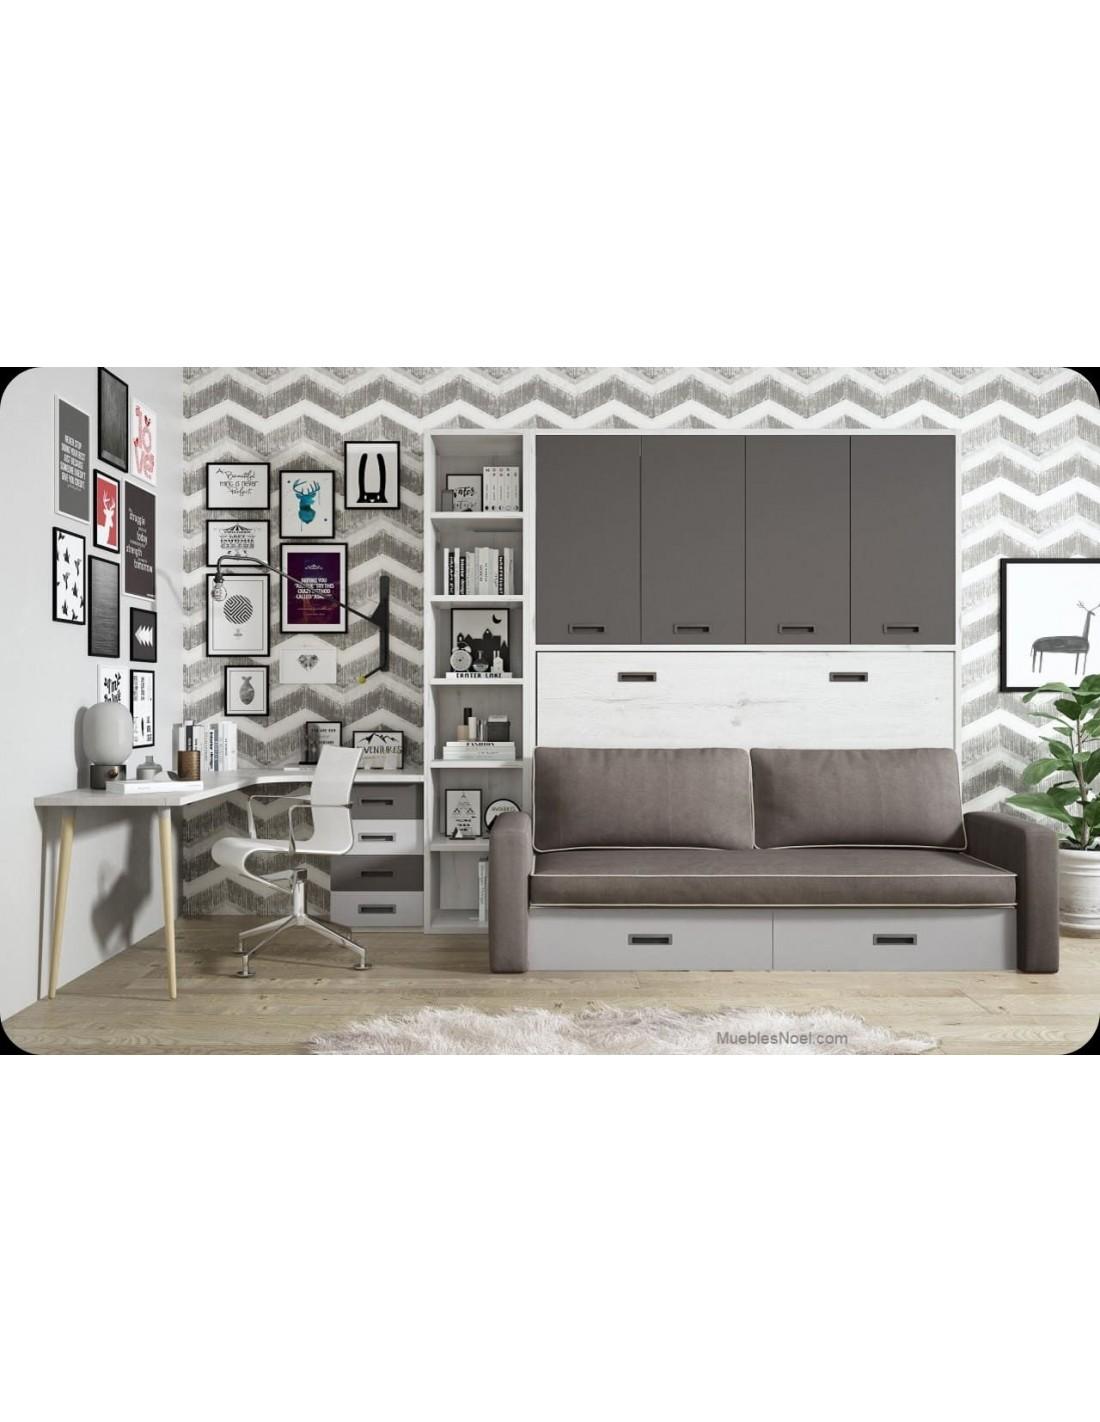 Dormitorio juvenil Alcala con cama abatible, sofá, armario y zona para estudiar.